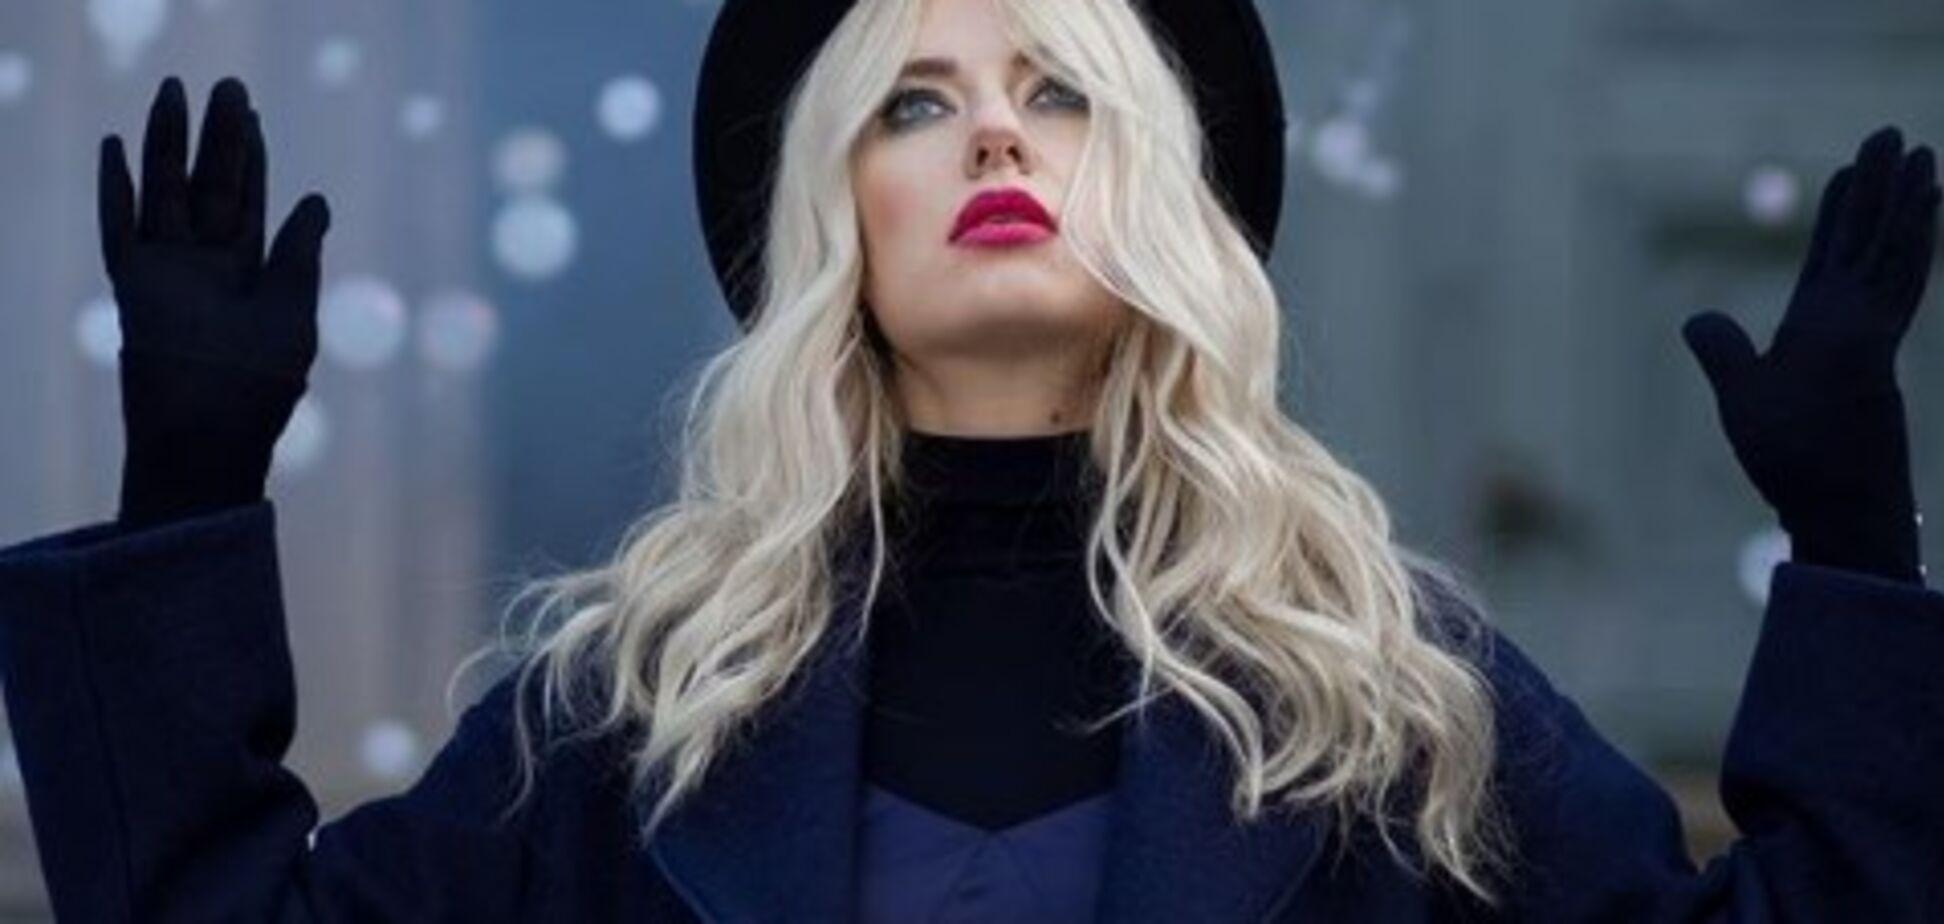 Оргазм - не цель: украинская певица раскрыла секрет сексуального удовольствия